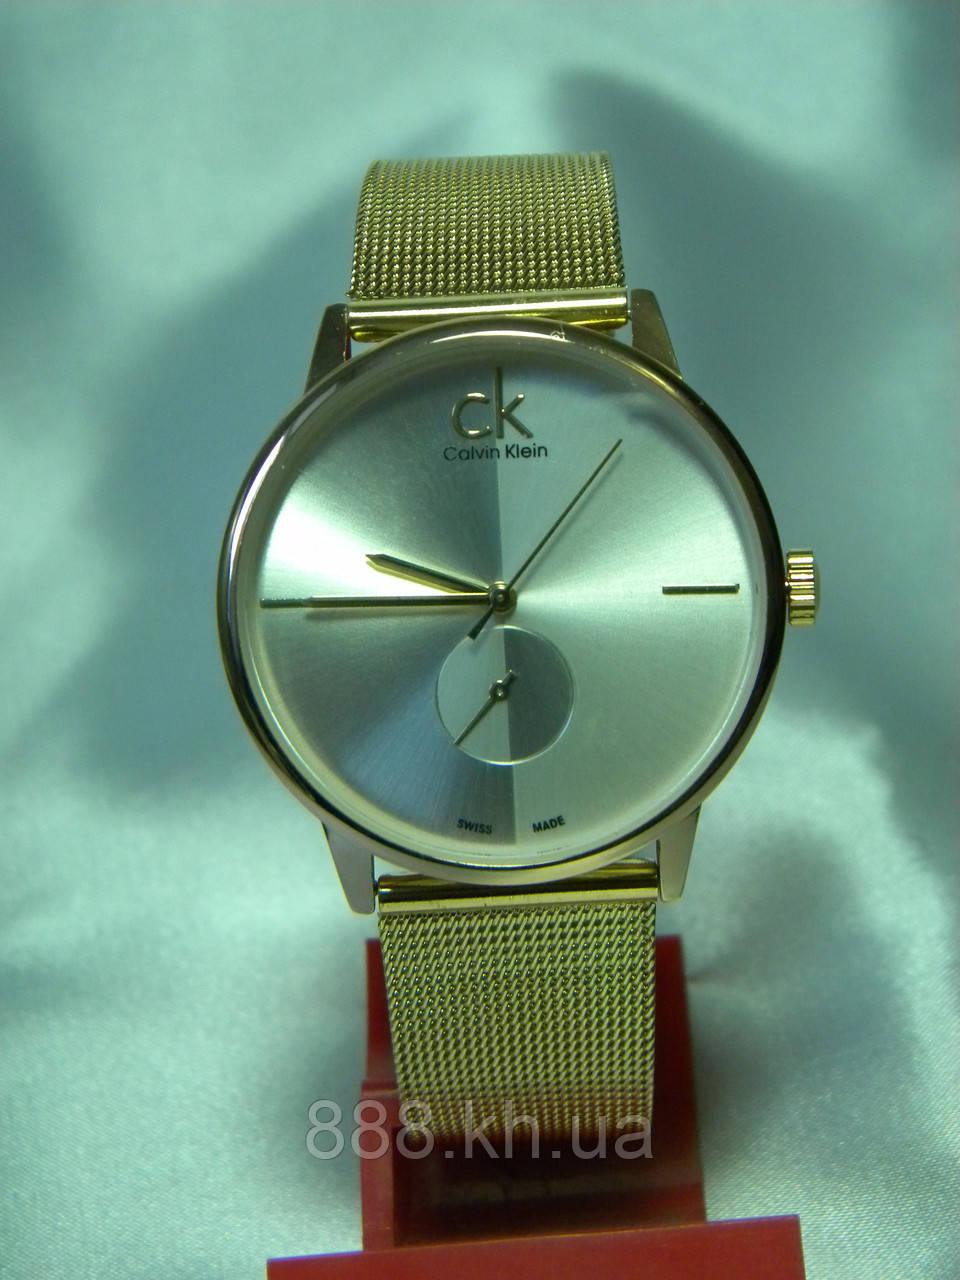 Часы женские Calvin Klein, наручные часы келвин клейн 002 реплика